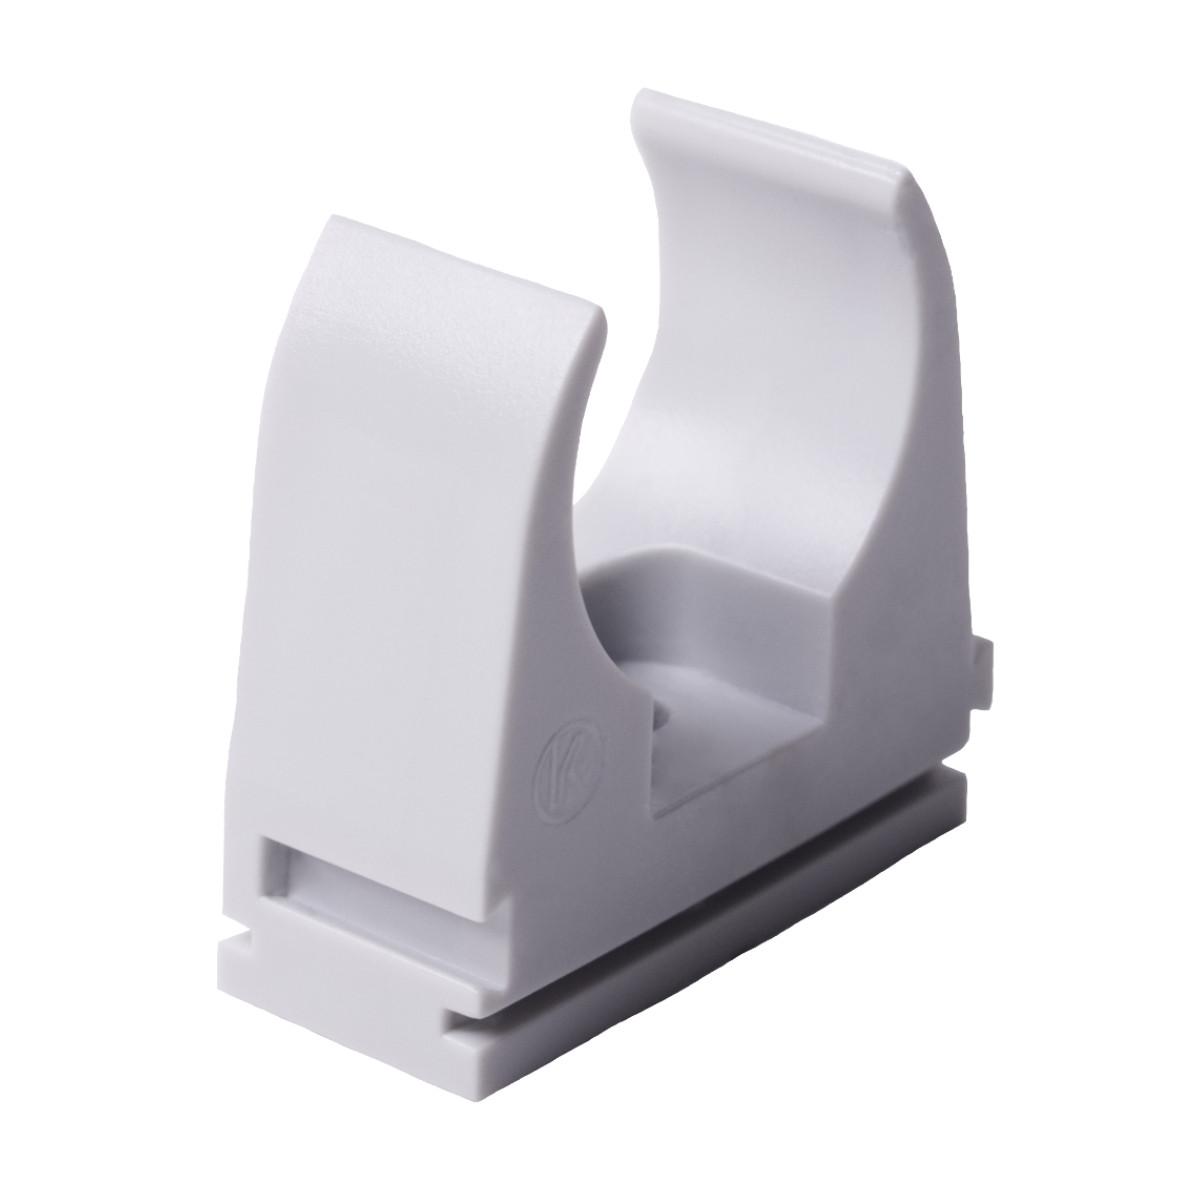 Кріплення труби 25 мм ; Ø25мм; ПВХ;; t застосування -25+60 °с; світло-сіра; Упаковка 10 шт